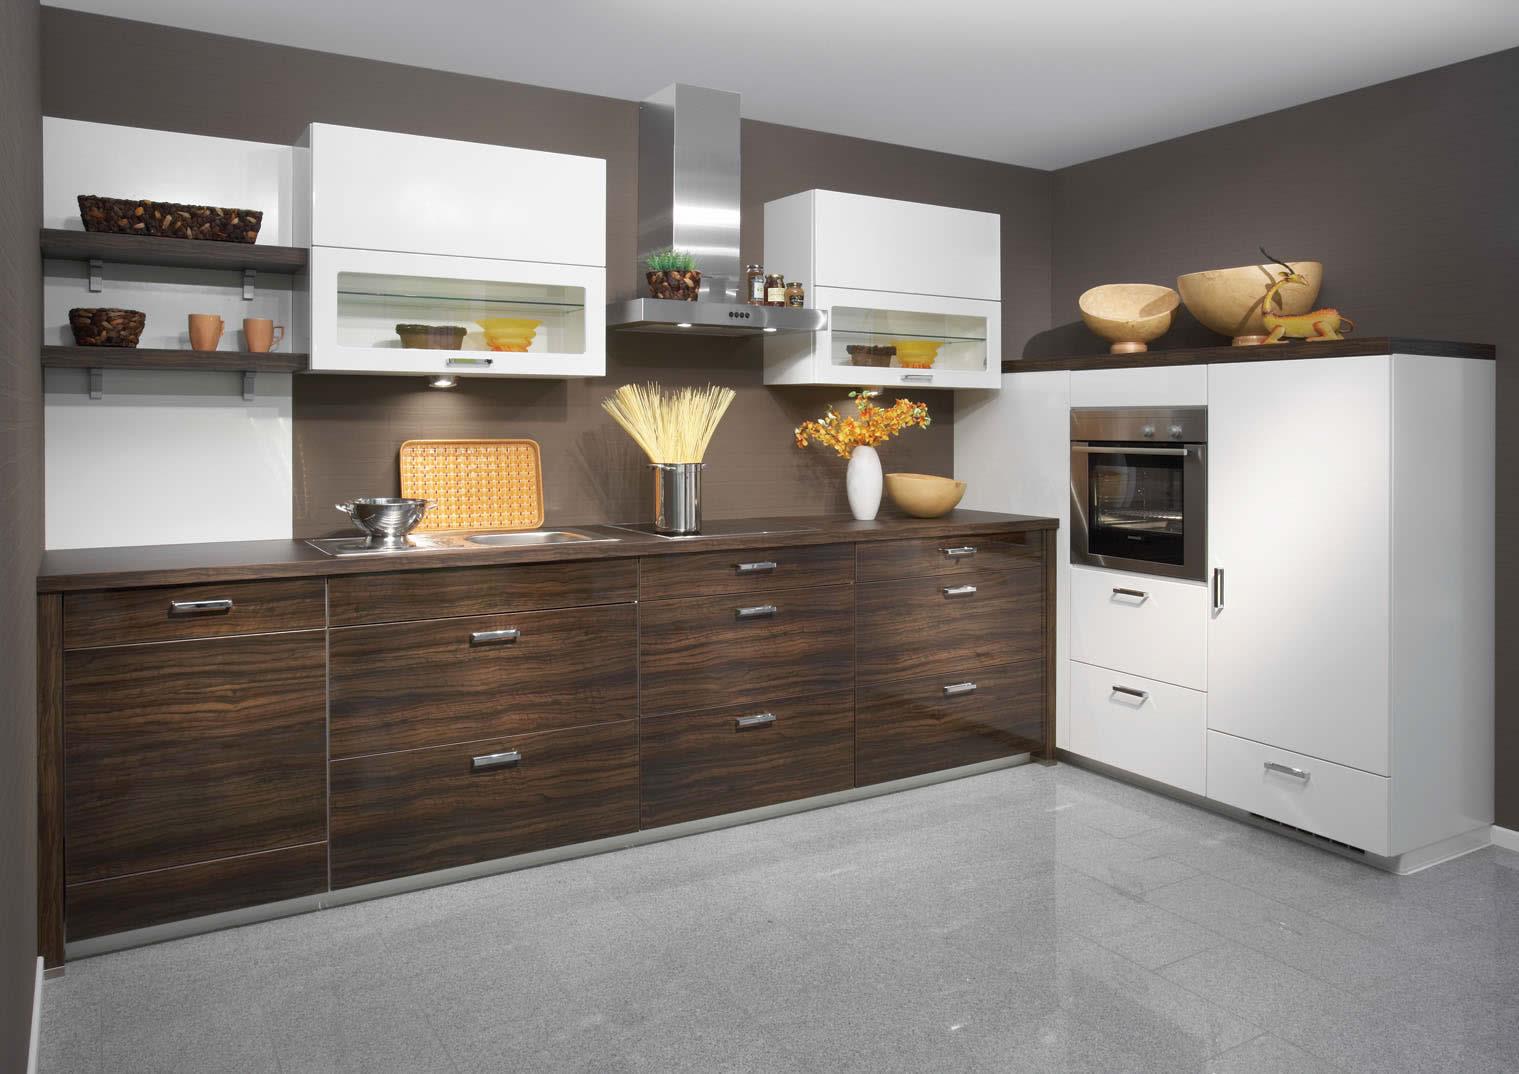 kitchen design7